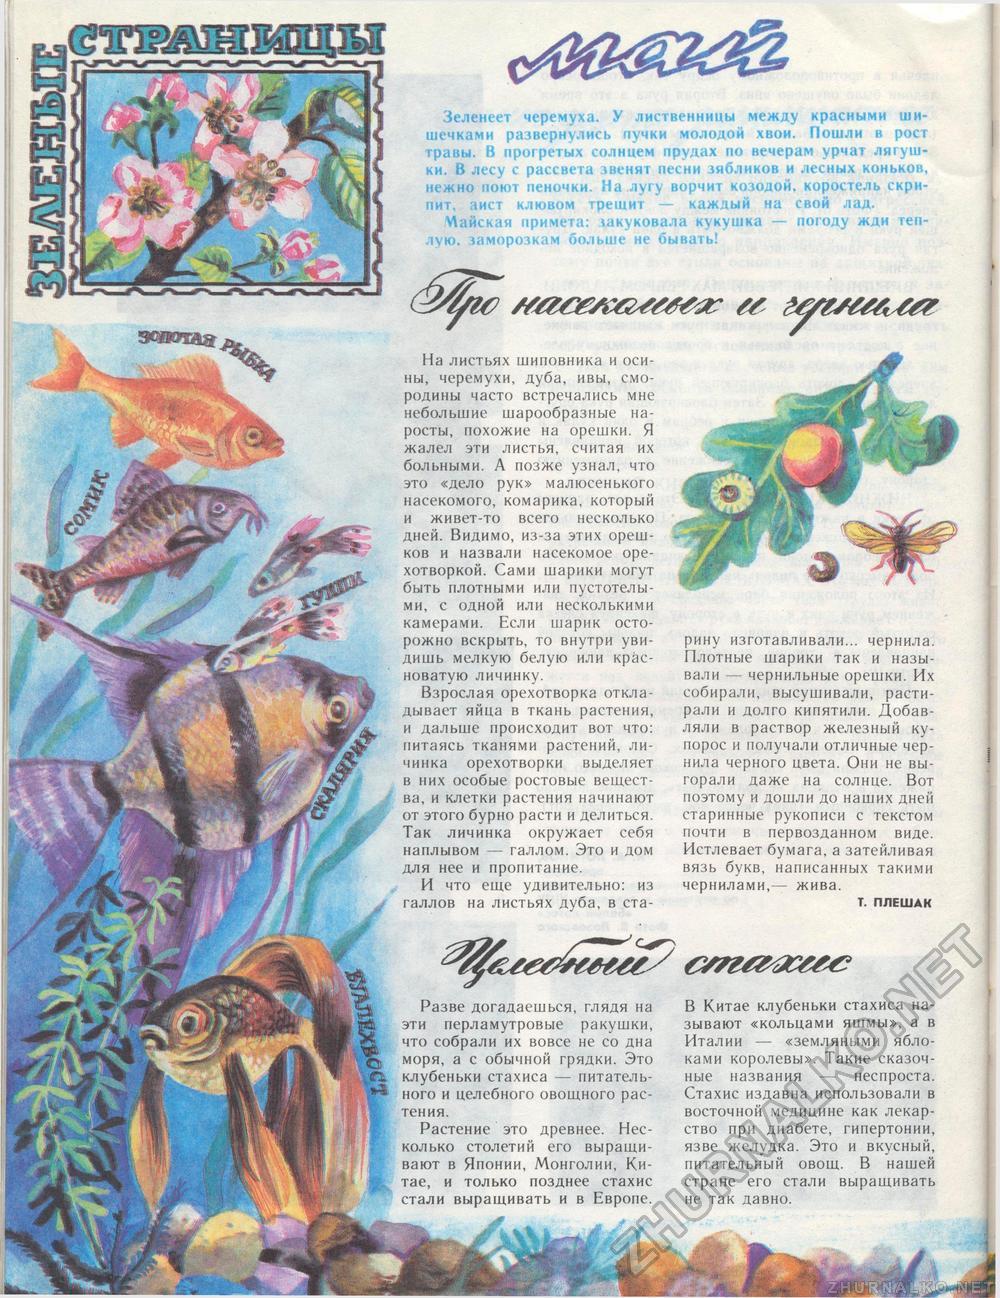 Т. ПЛЕШАК - Костёр 1991-05, страница 47: http://zhurnalko.net/=detskie/koster/1991-05--num47